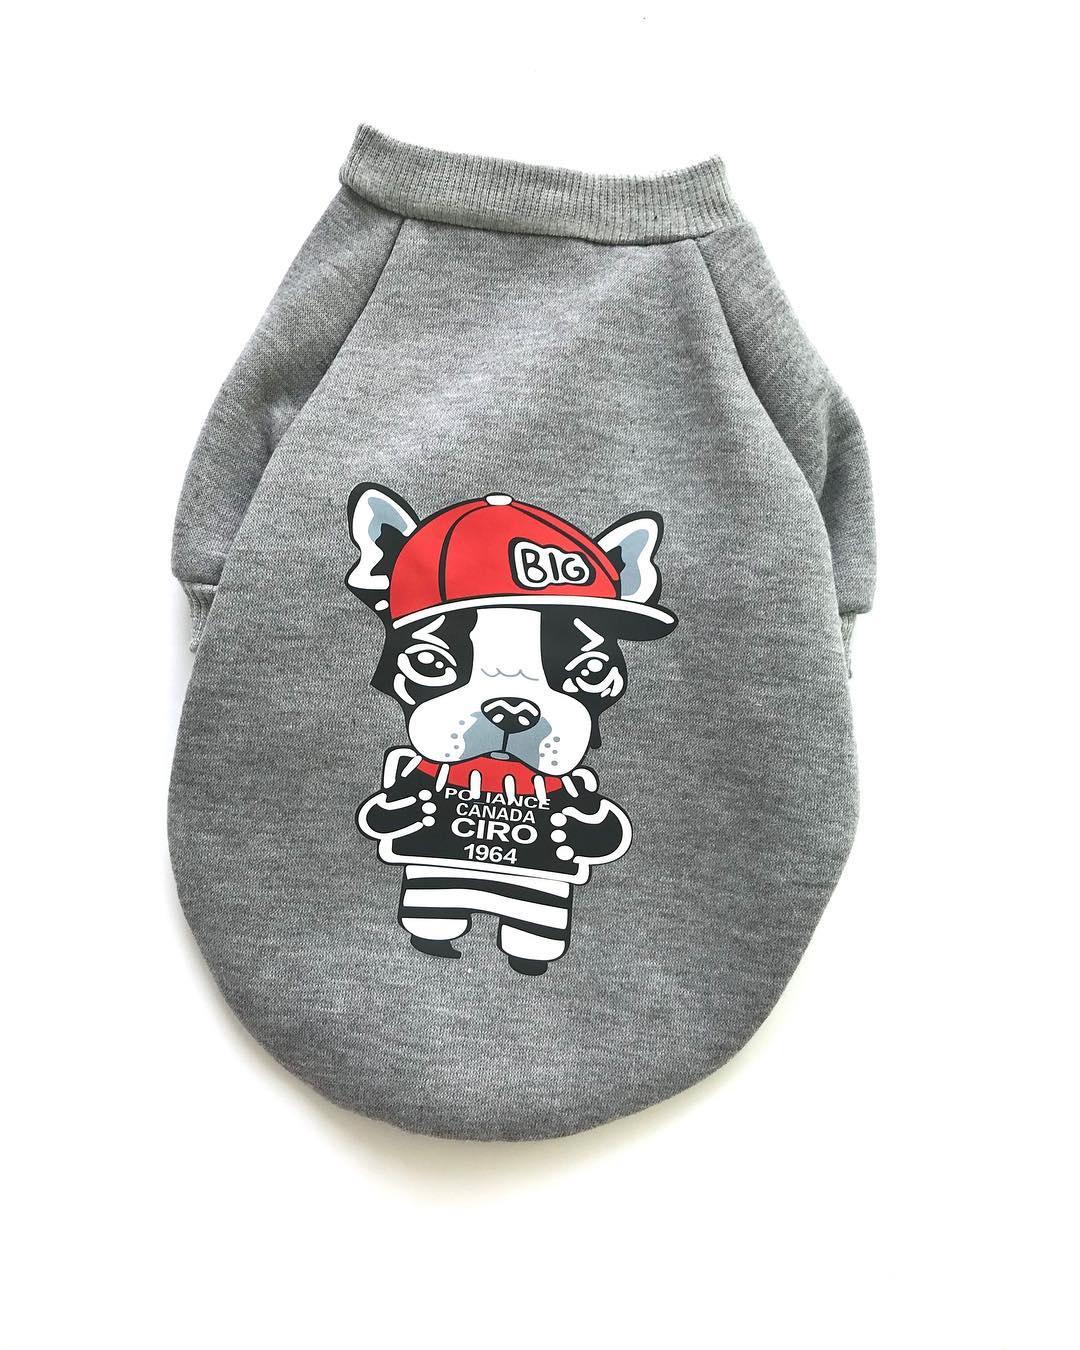 Одежда для собак Arnydog.ru Толстовка Серая с собакой L-57_xxl, серый